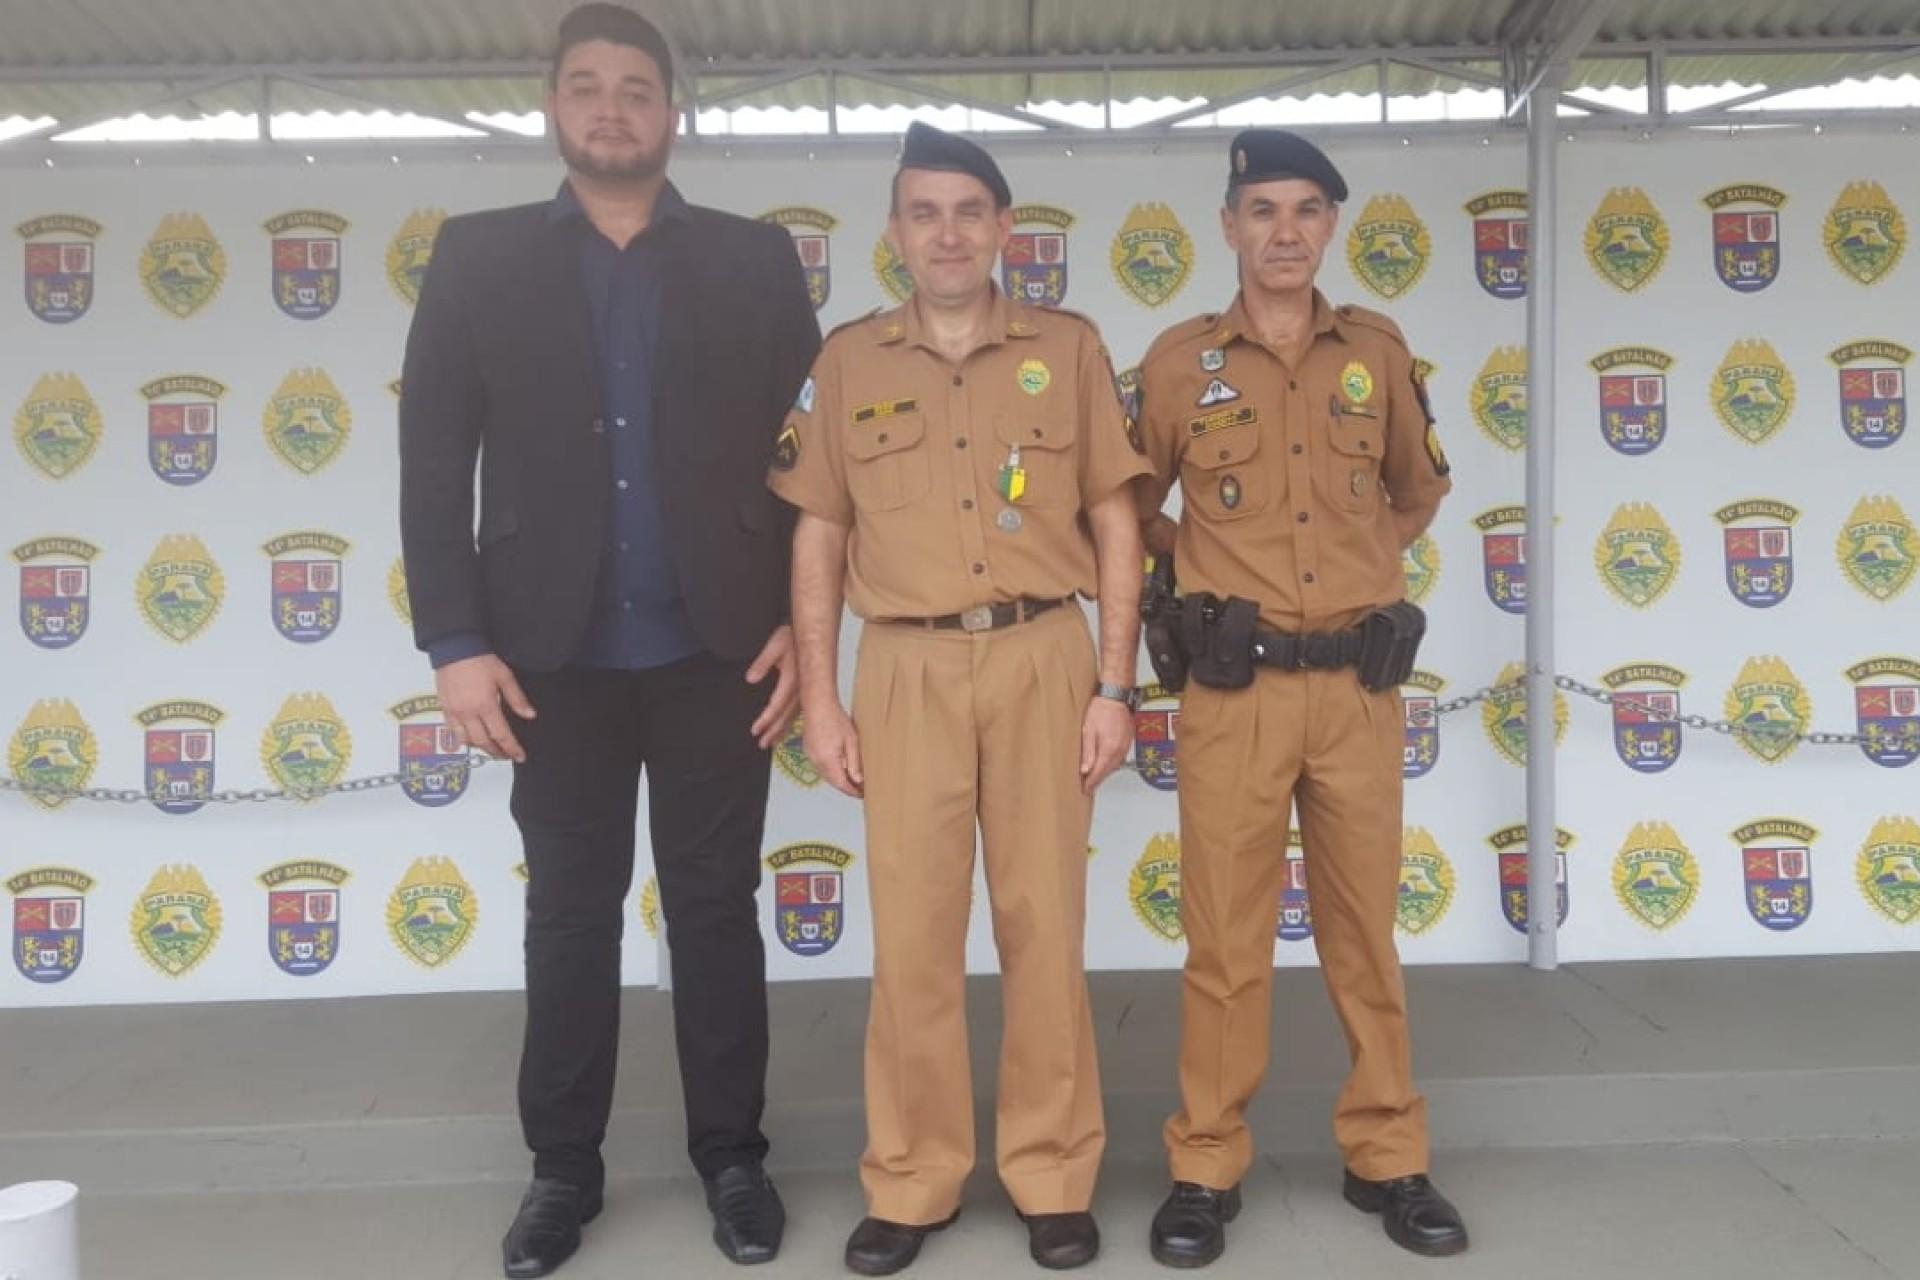 Soldado Caumo recebe medalha de prata em comemoração do aniversário da Policia Militar em Foz